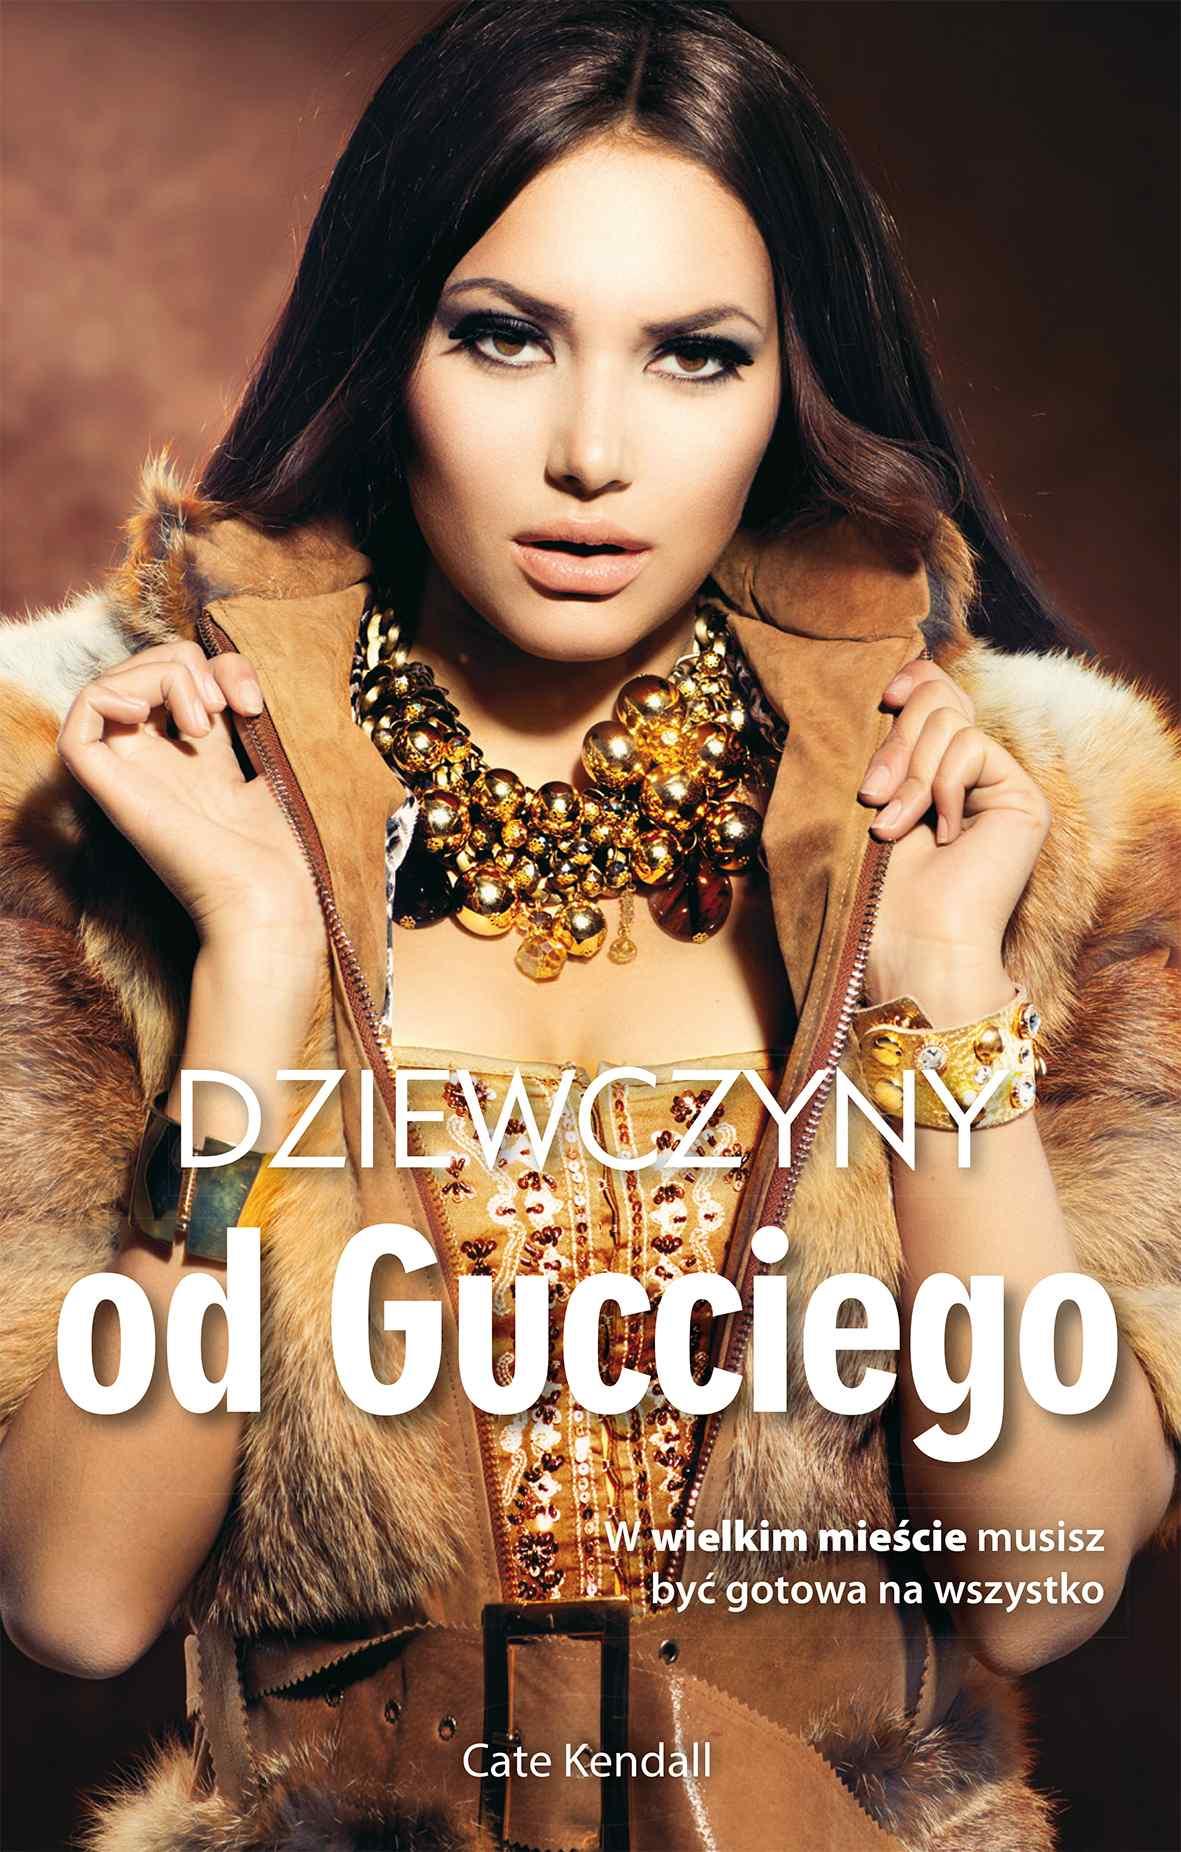 Dziewczyny od Gucciego - Ebook (Książka na Kindle) do pobrania w formacie MOBI